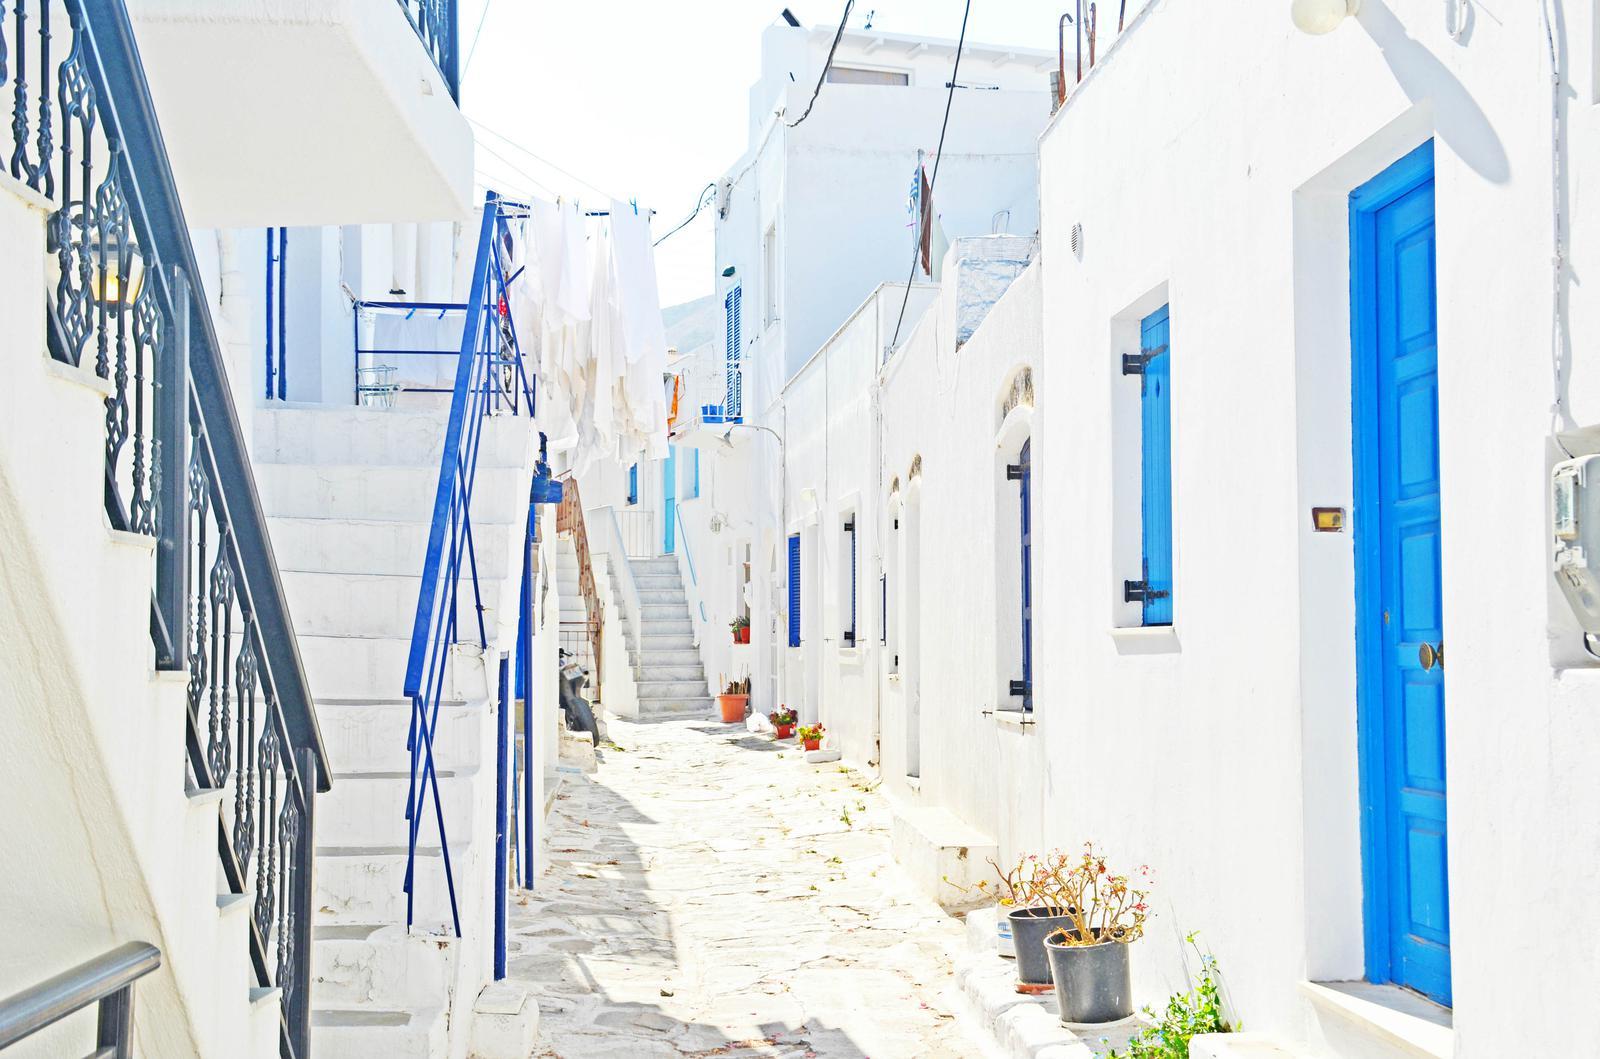 islas mediterraneo Paros, Grecia